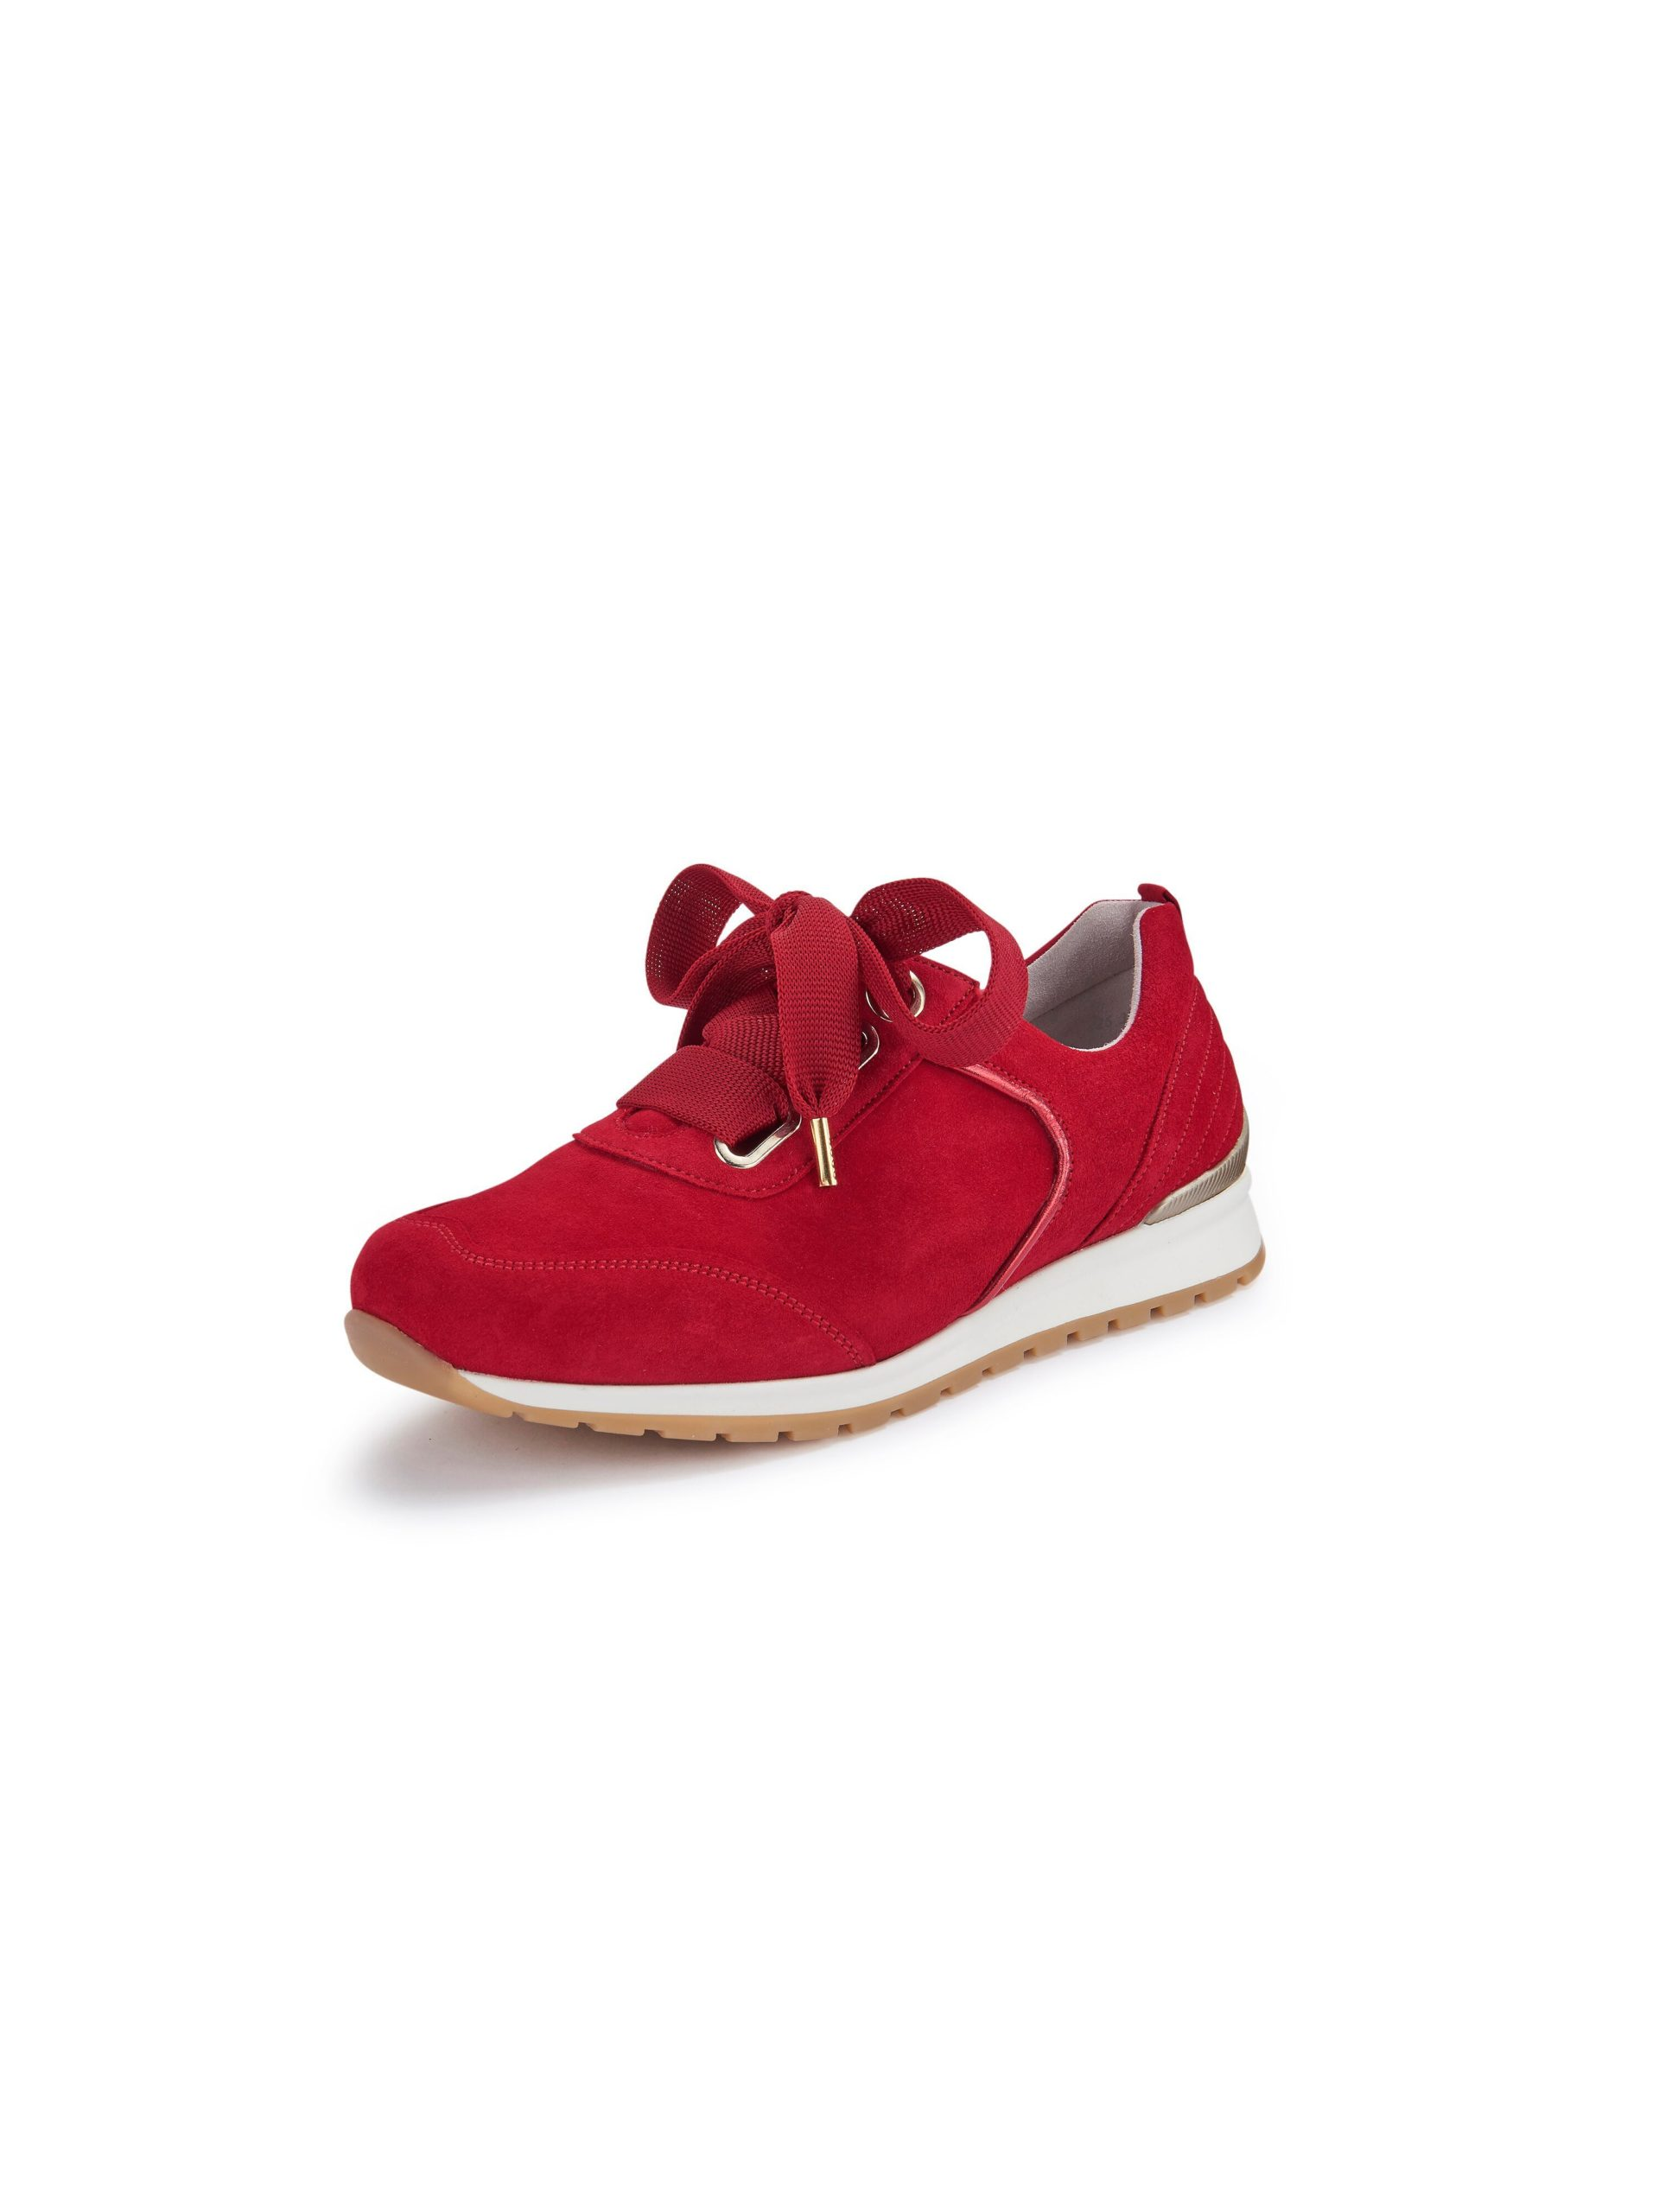 Sneakers Van Gabor Comfort rood Kopen